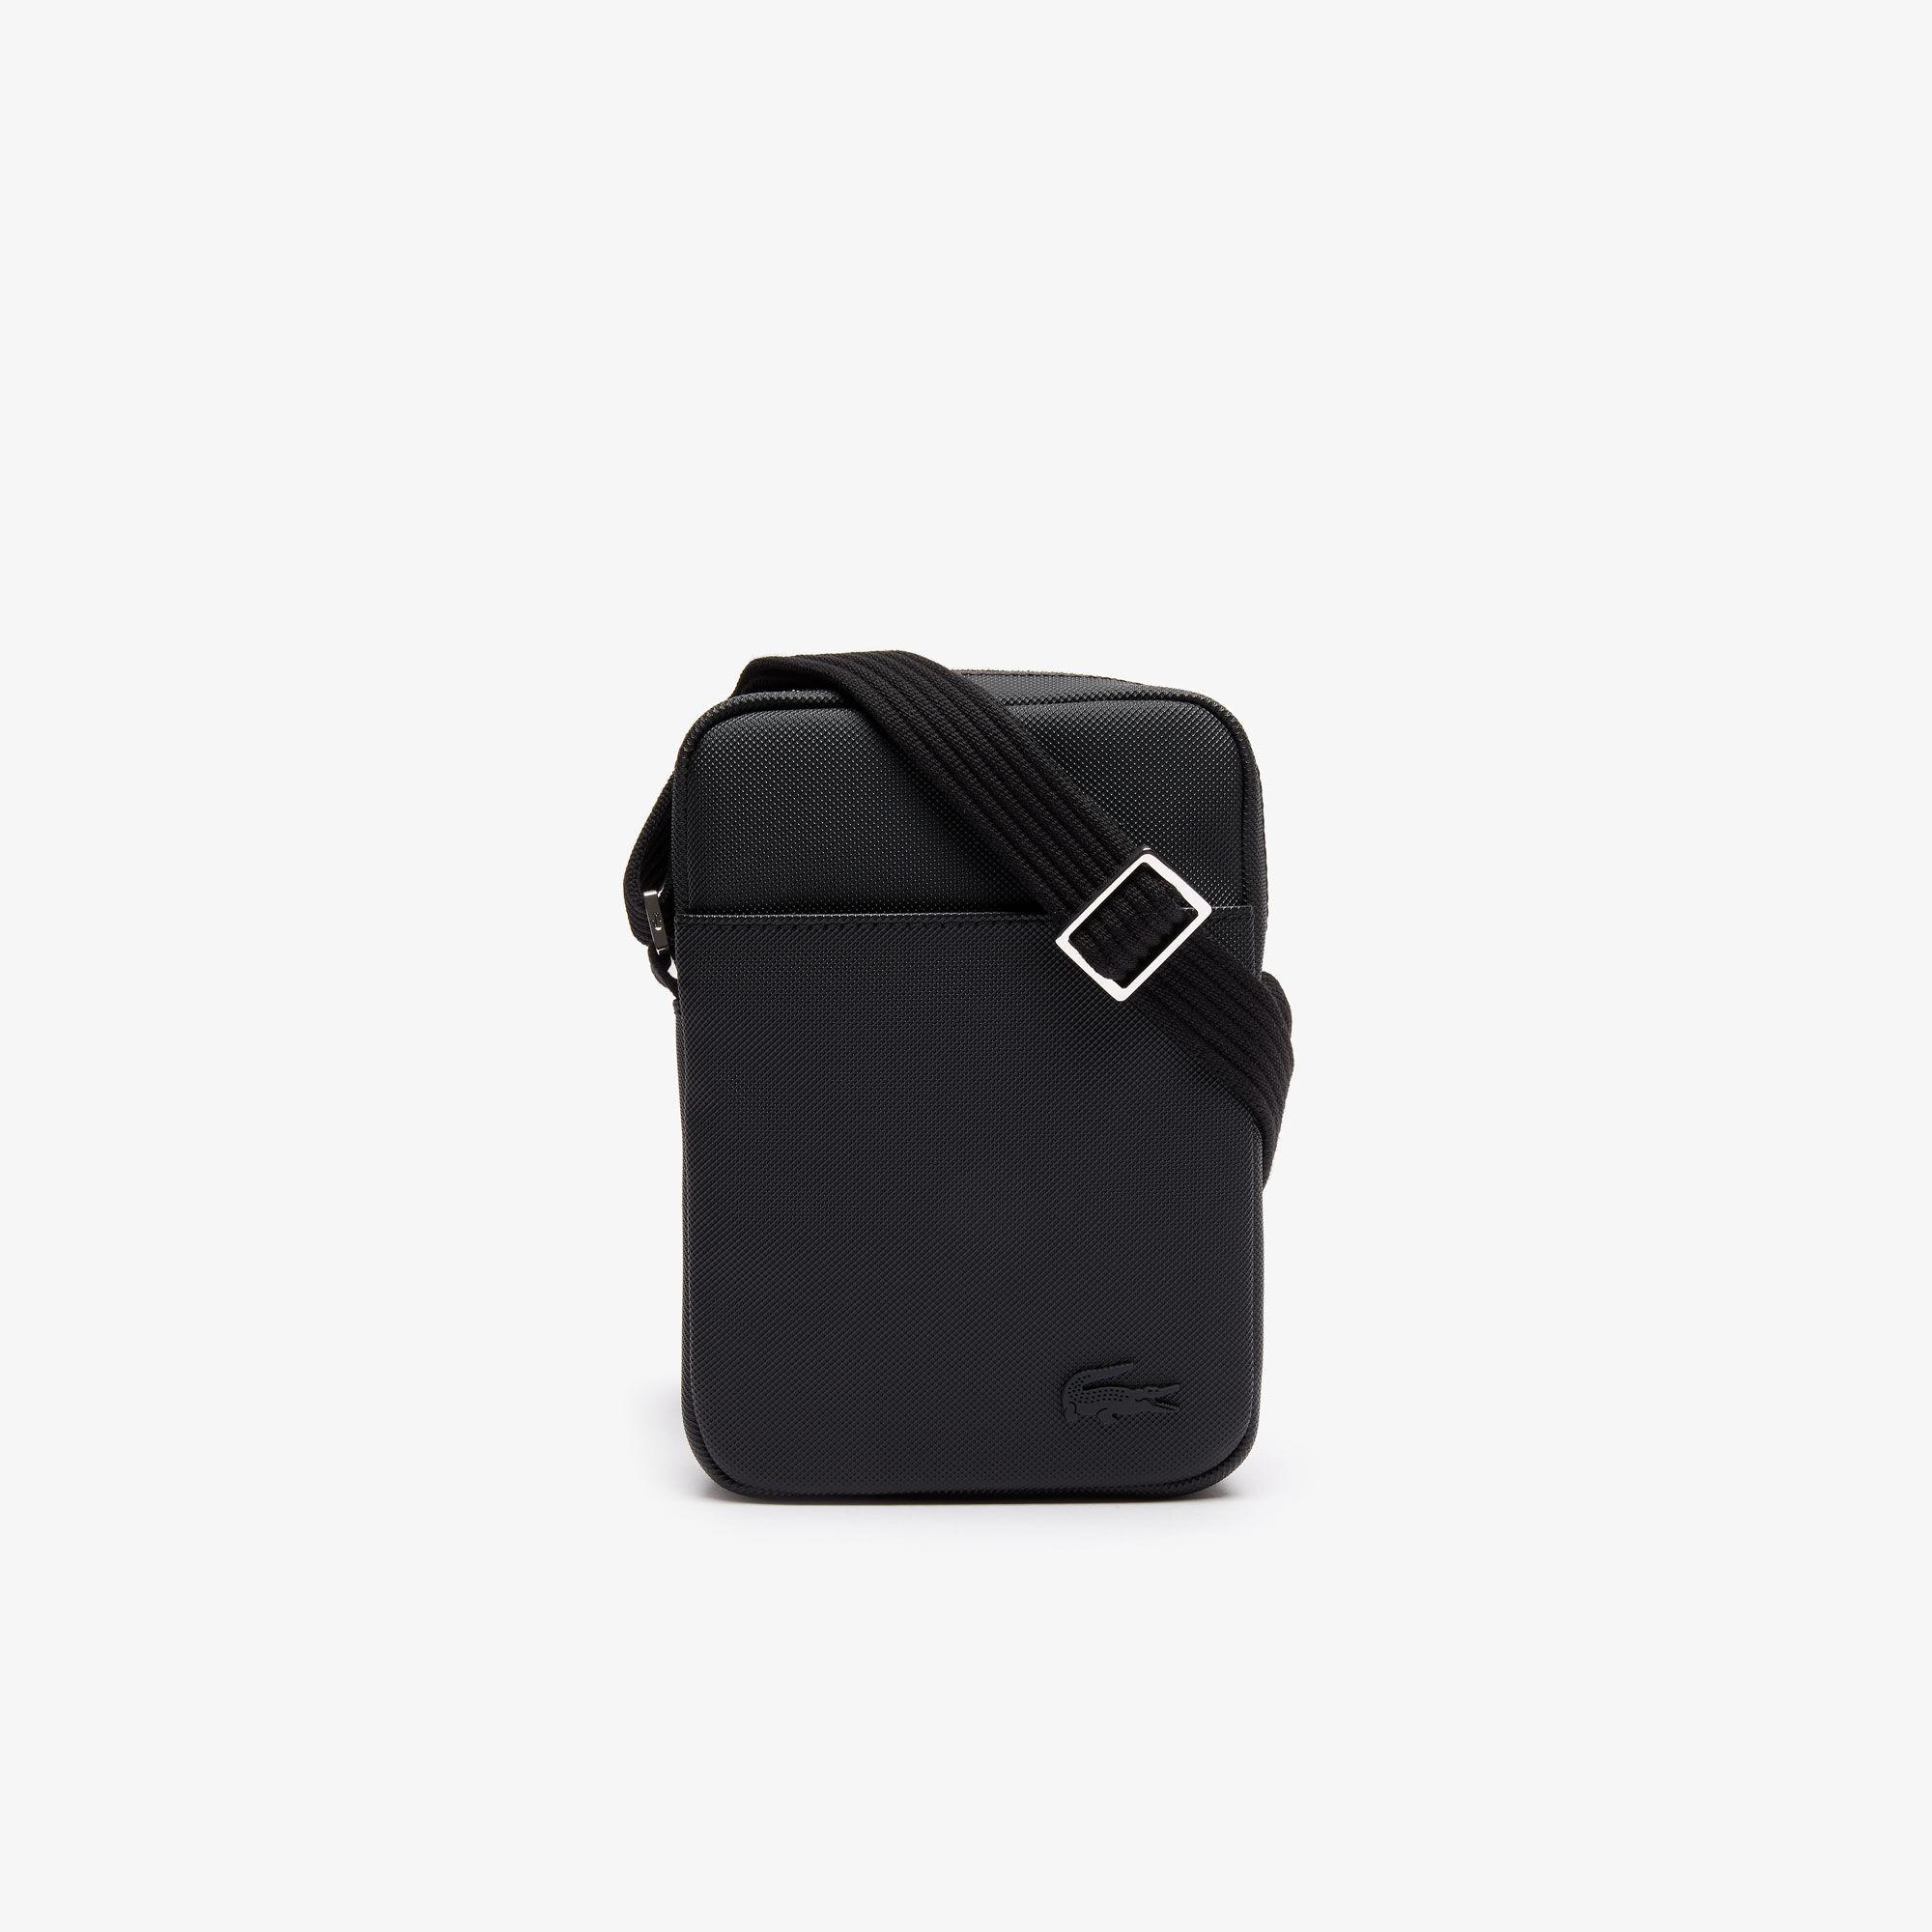 حقيبة رأسية بسحاب من البيتي بيكيه مجموعة Classic للرجال